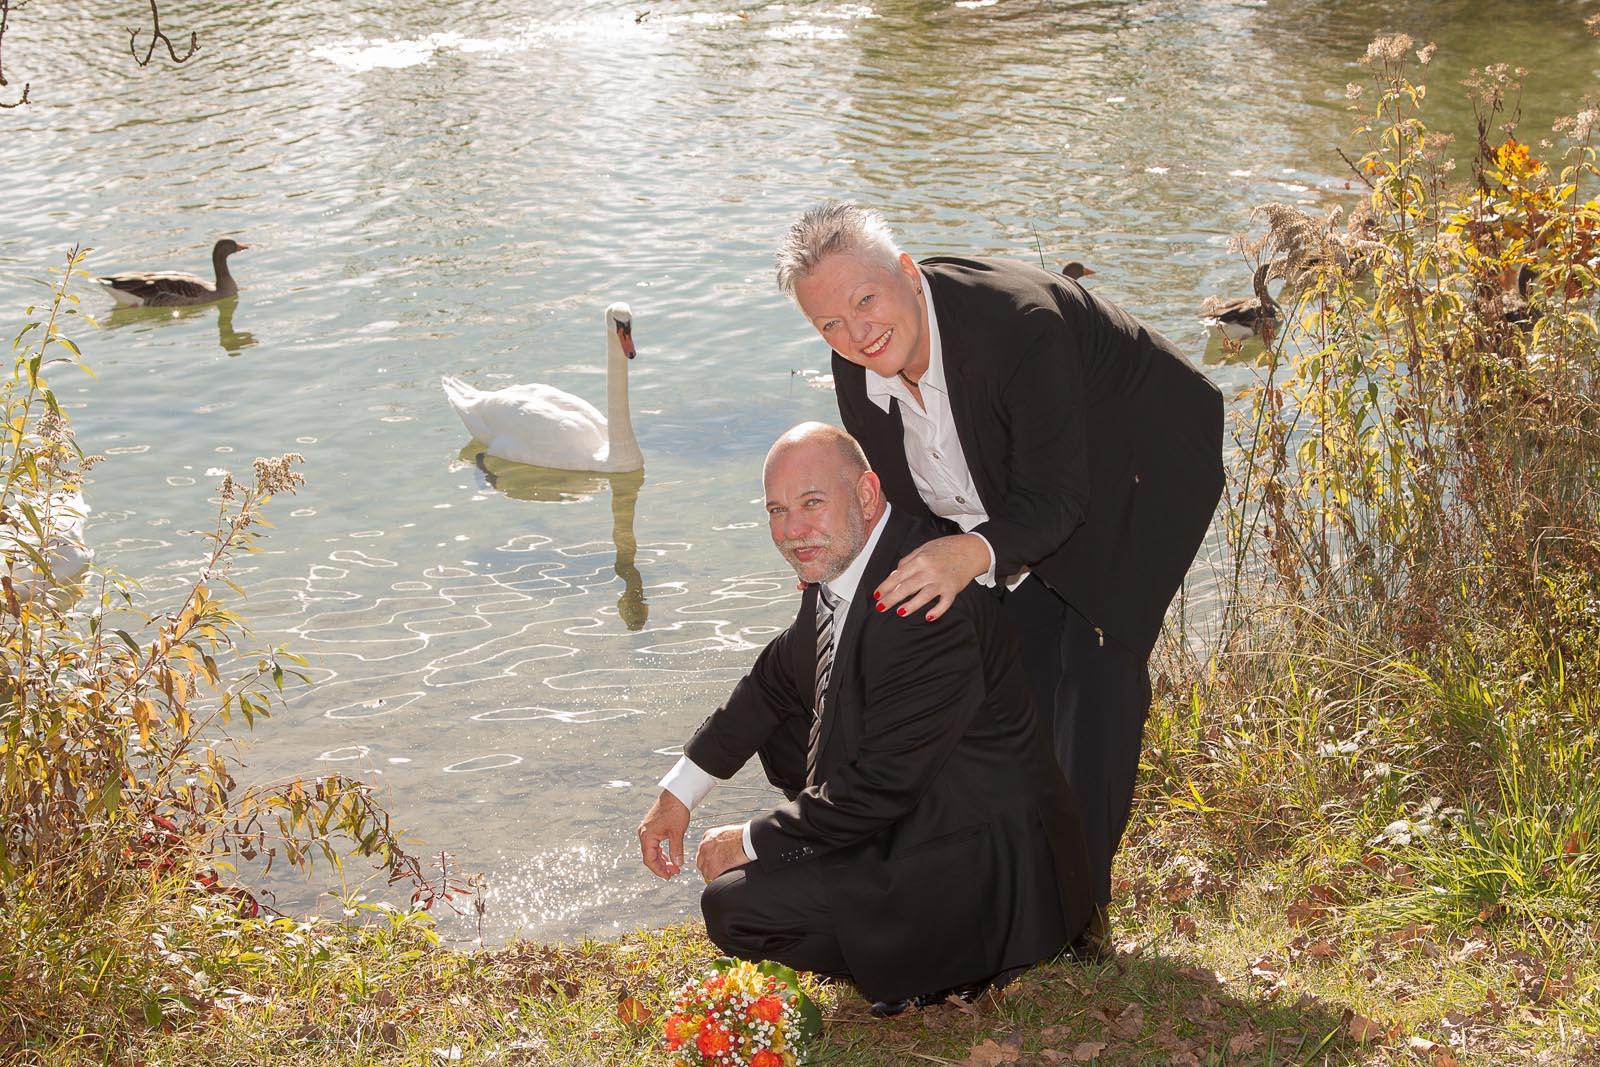 Hochzeit-Portraits.Wohlfarth-Hochzeit-Wohlfahrt-9386.jpg